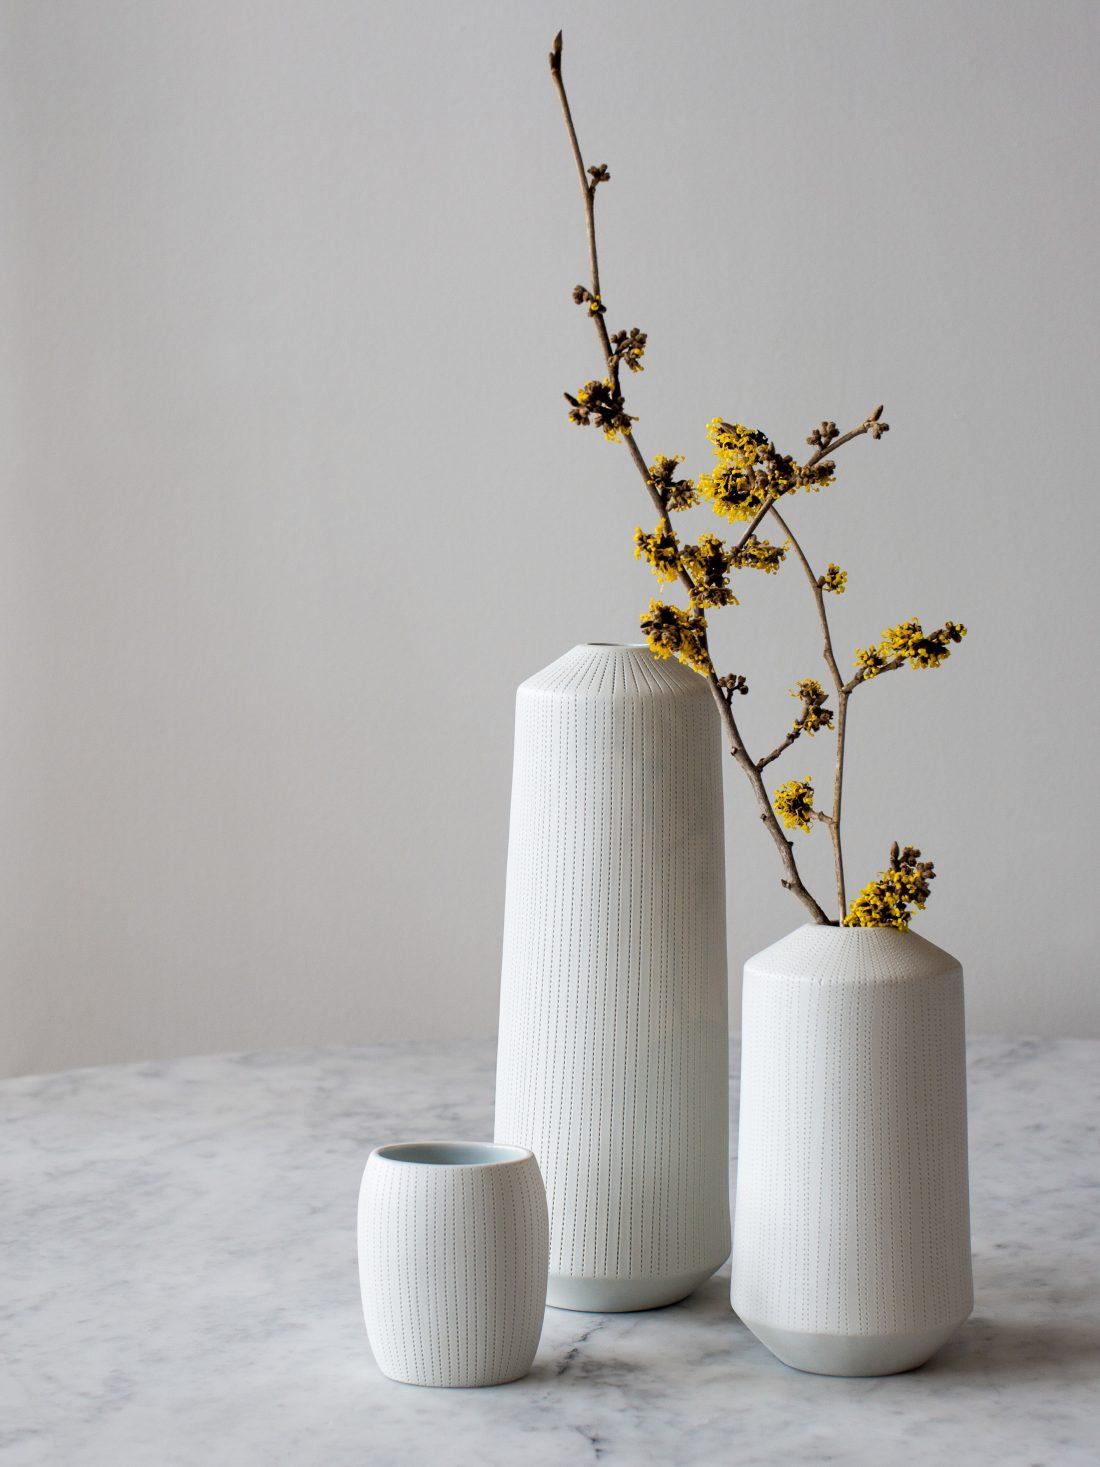 Roshi vases